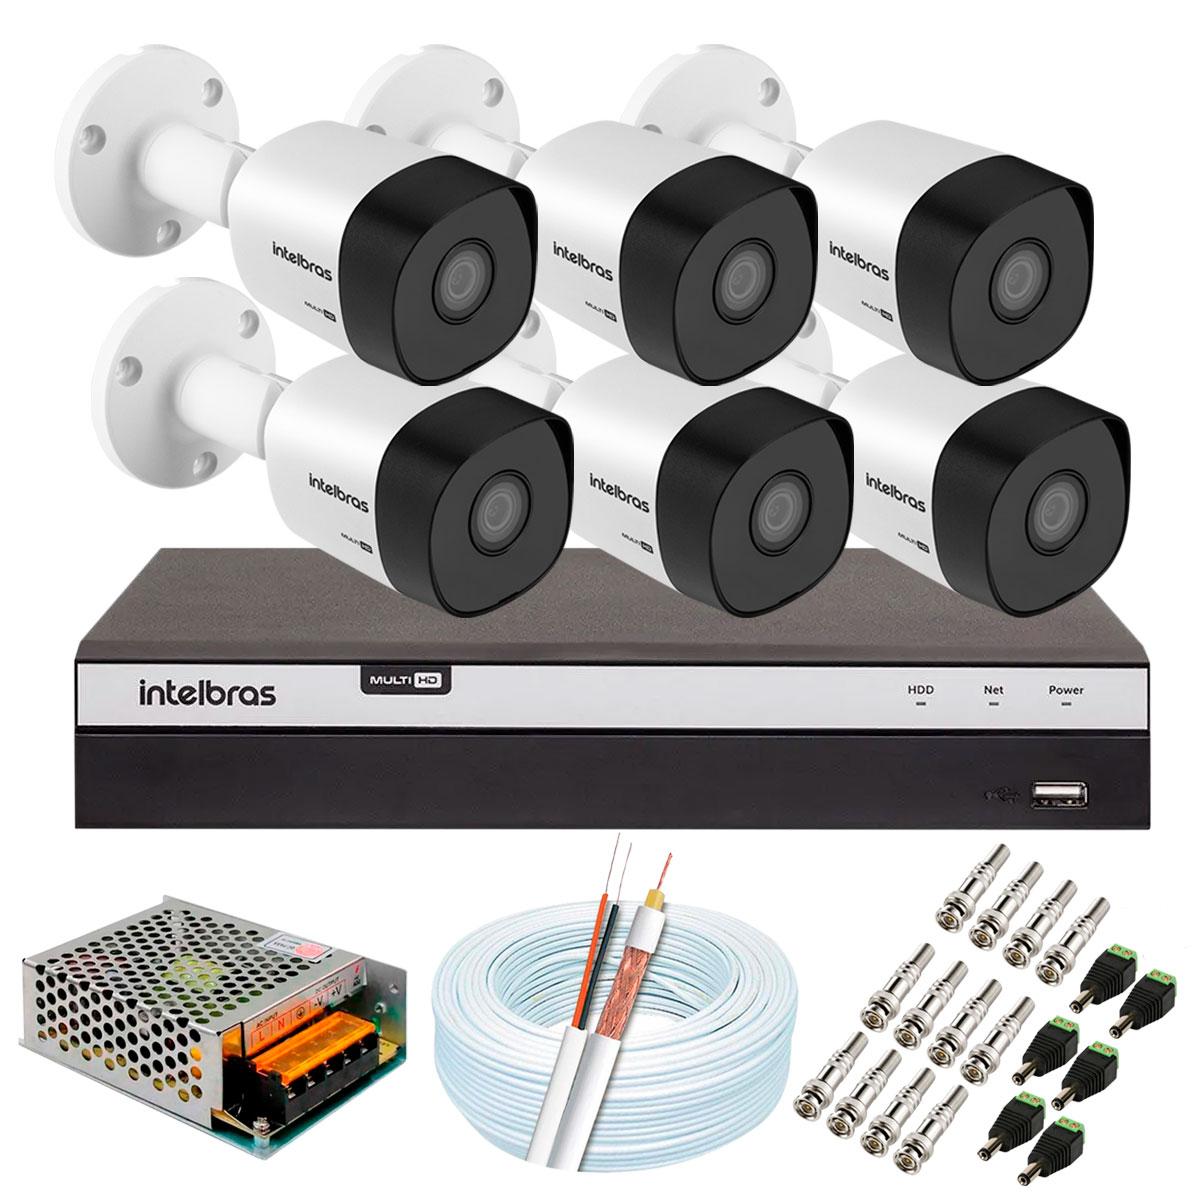 Kit 6 Câmeras de Segurança Full HD 1080p VHD 3230 B G5 + DVR Intelbras MHDX 3108 Full HD de 8 Canais + Acessórios  - Tudo Forte